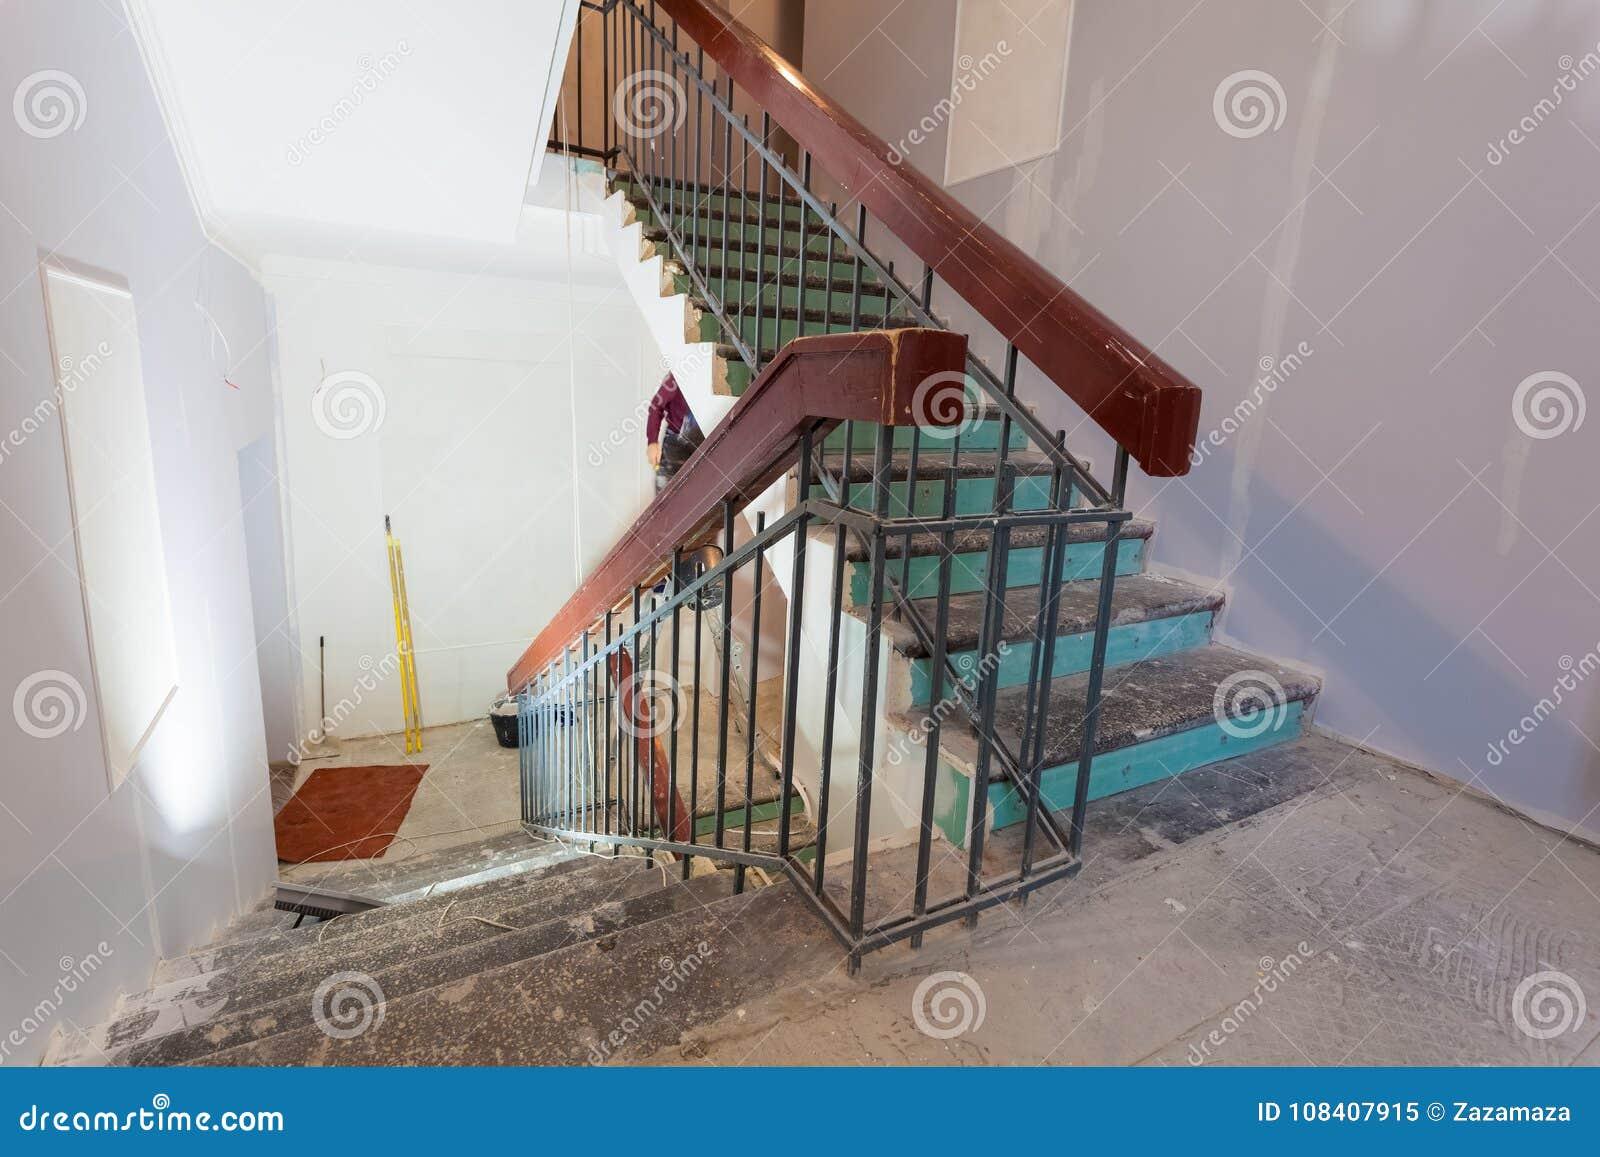 Treppe Mit Holzernen Gelanderdocken Ist Das Teil Des